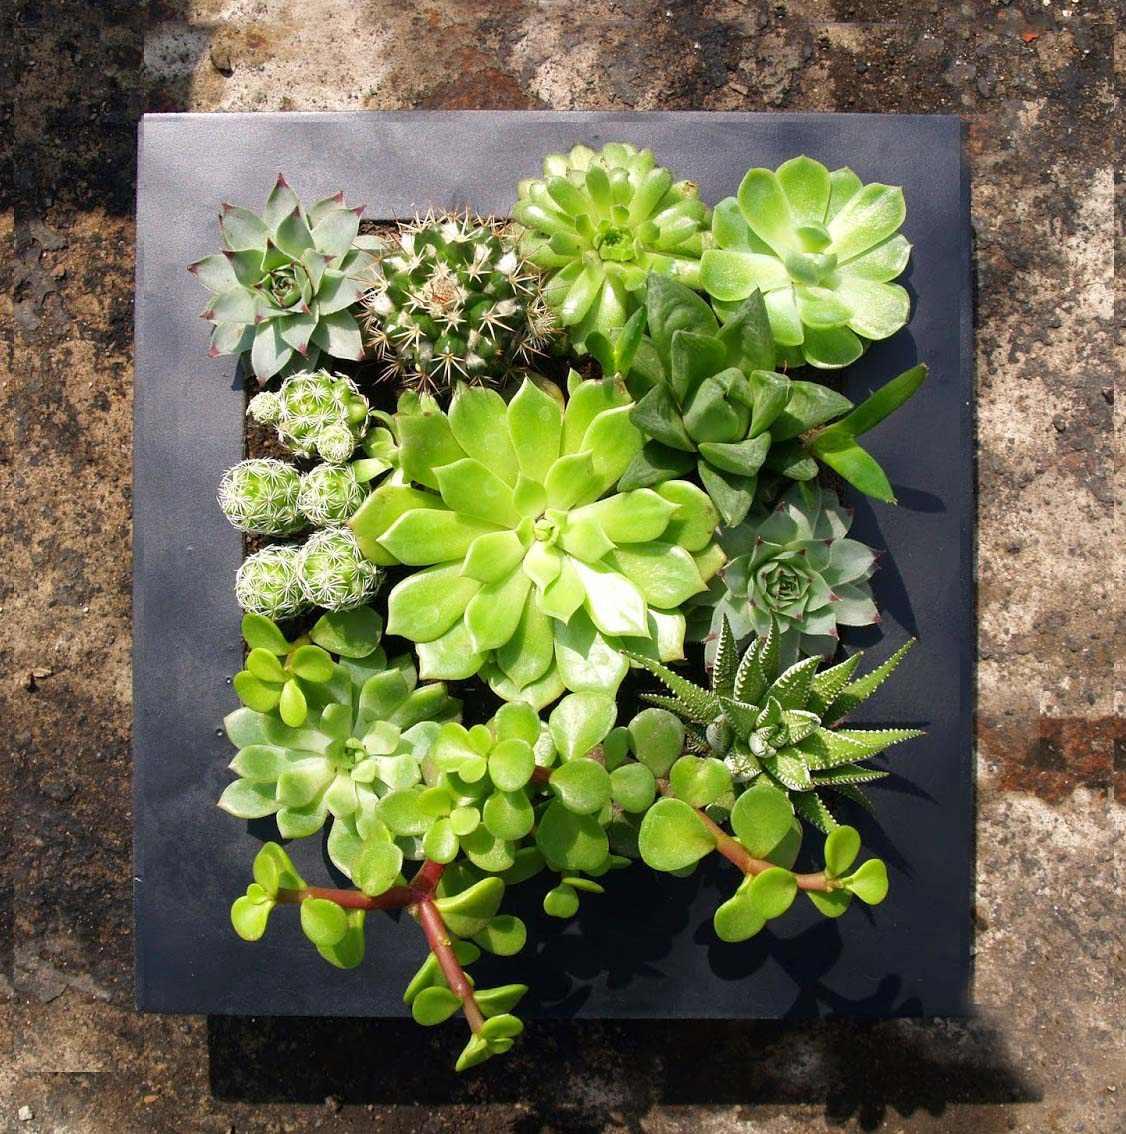 Jard n vertical cuadro vivo con suculentas s 130 00 for Cuadro jardin vertical